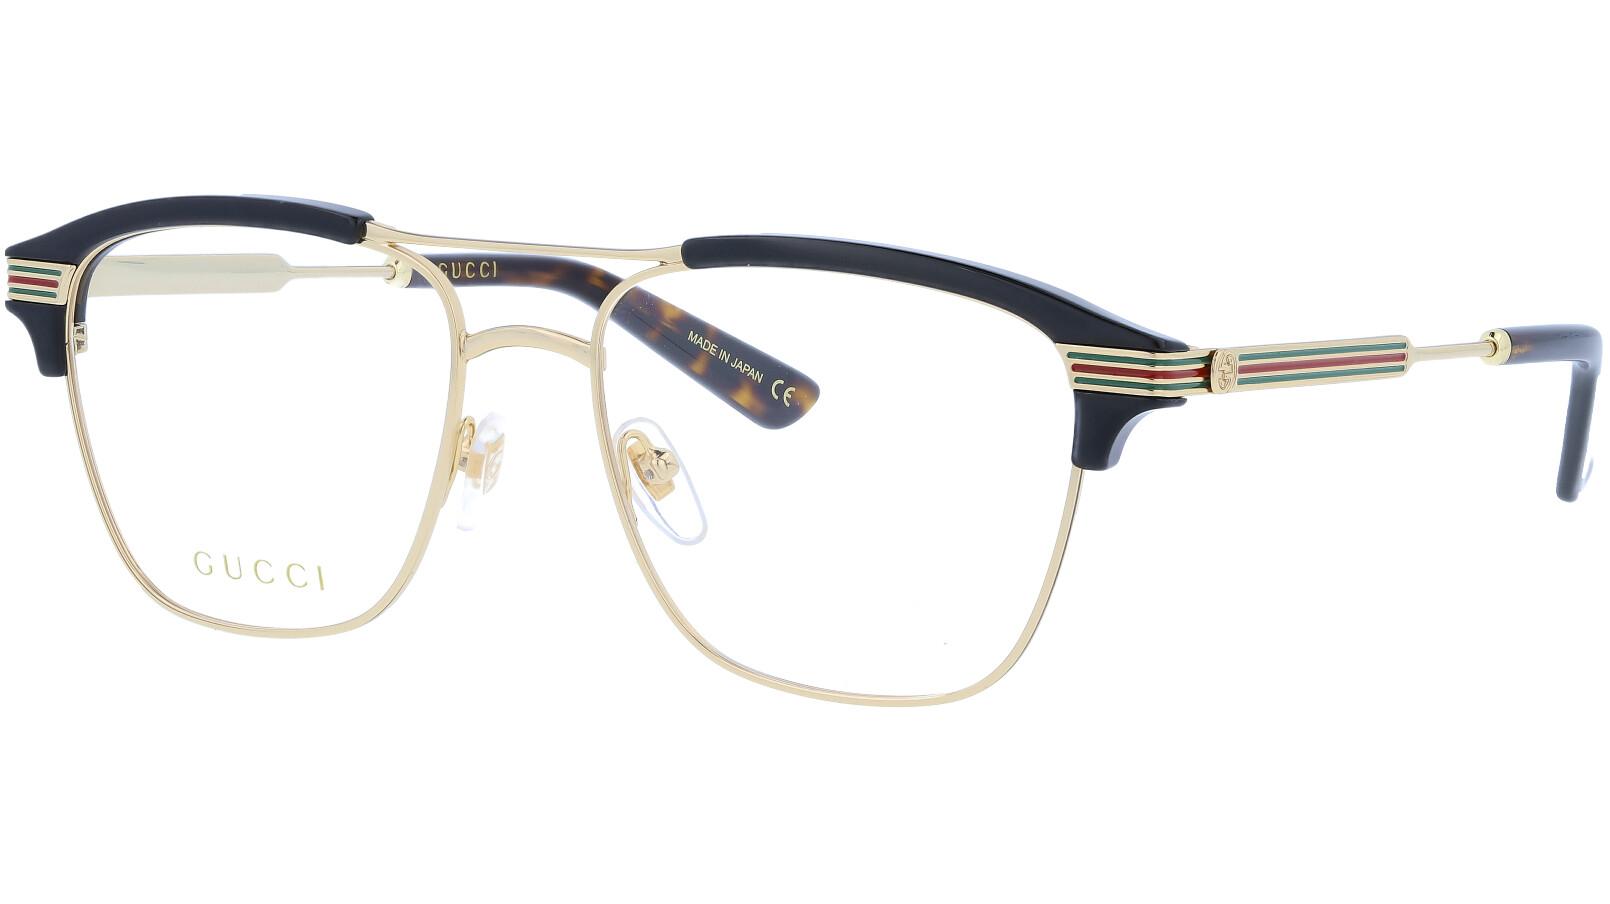 GUCCI GG0241S 002 54 GOLD Sunglasses